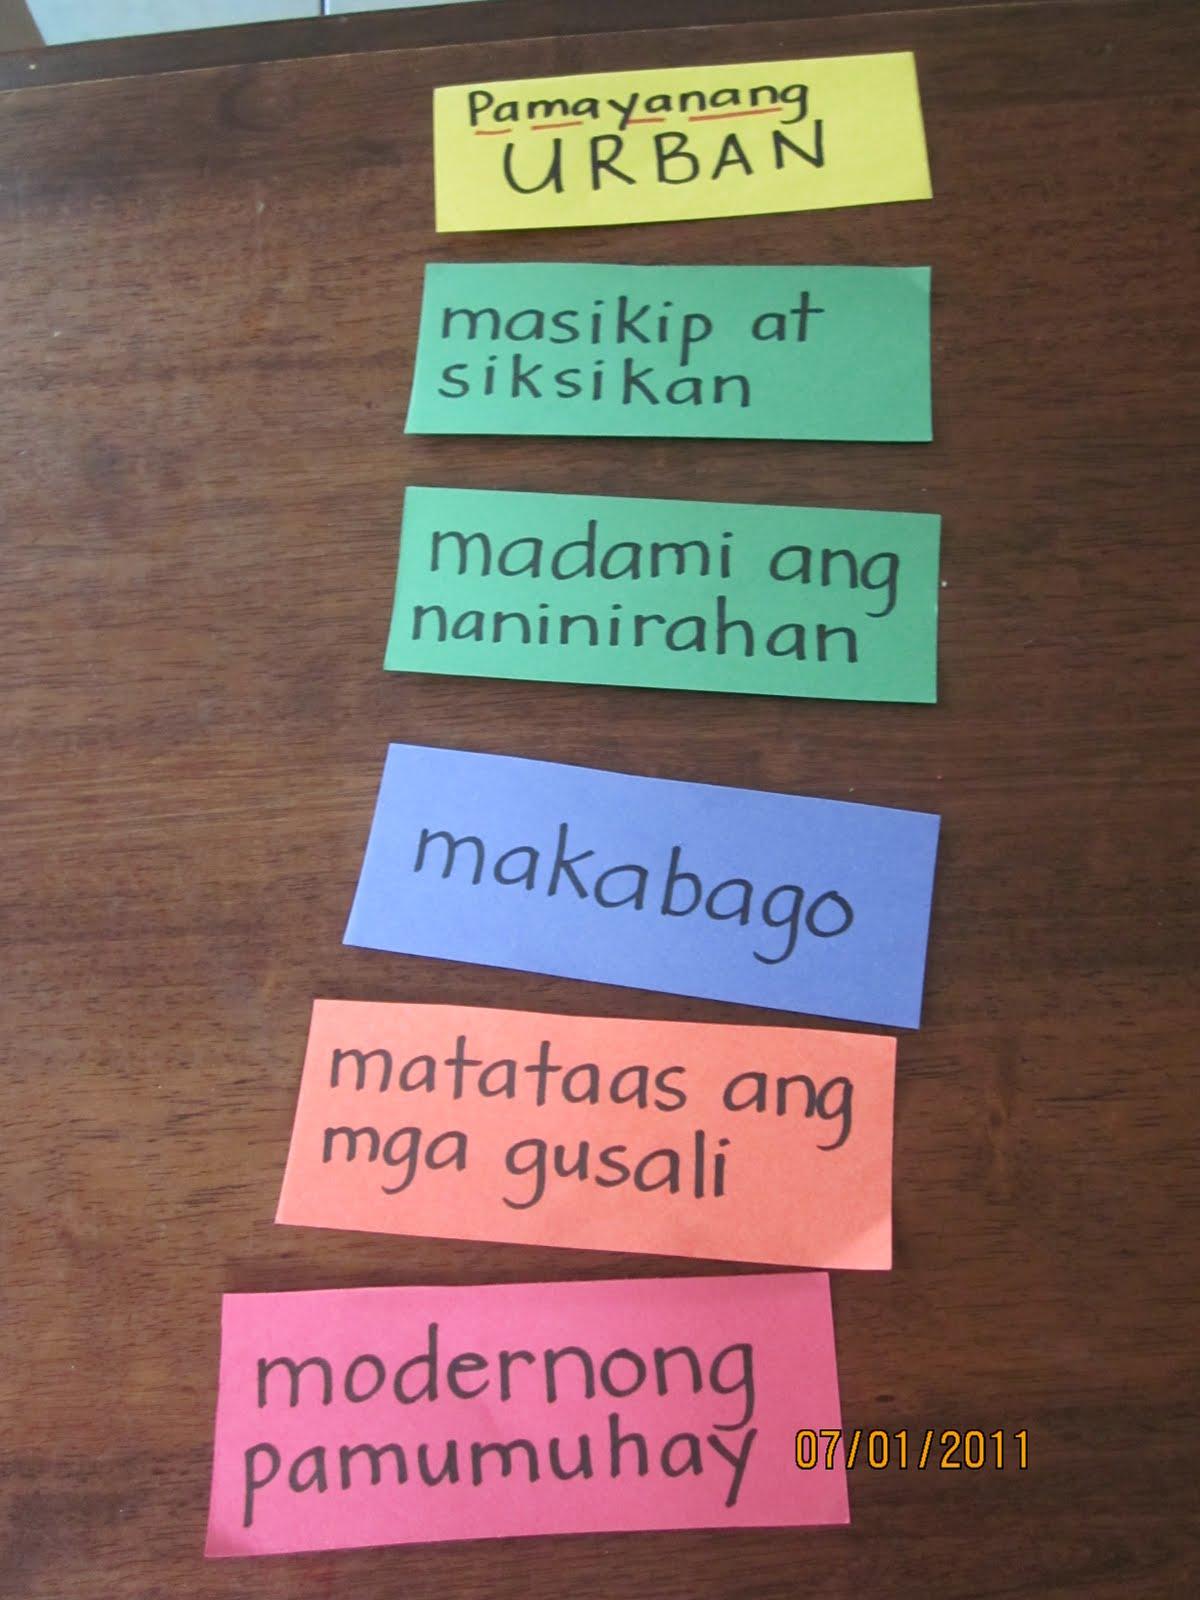 halimbawa ng isang research or term paper Sa buhay ng isang estudyante  research paper-filipino 2 epekto ng paglalaro ng computer games halimbawa ng pamanahong-papel sa filipino.